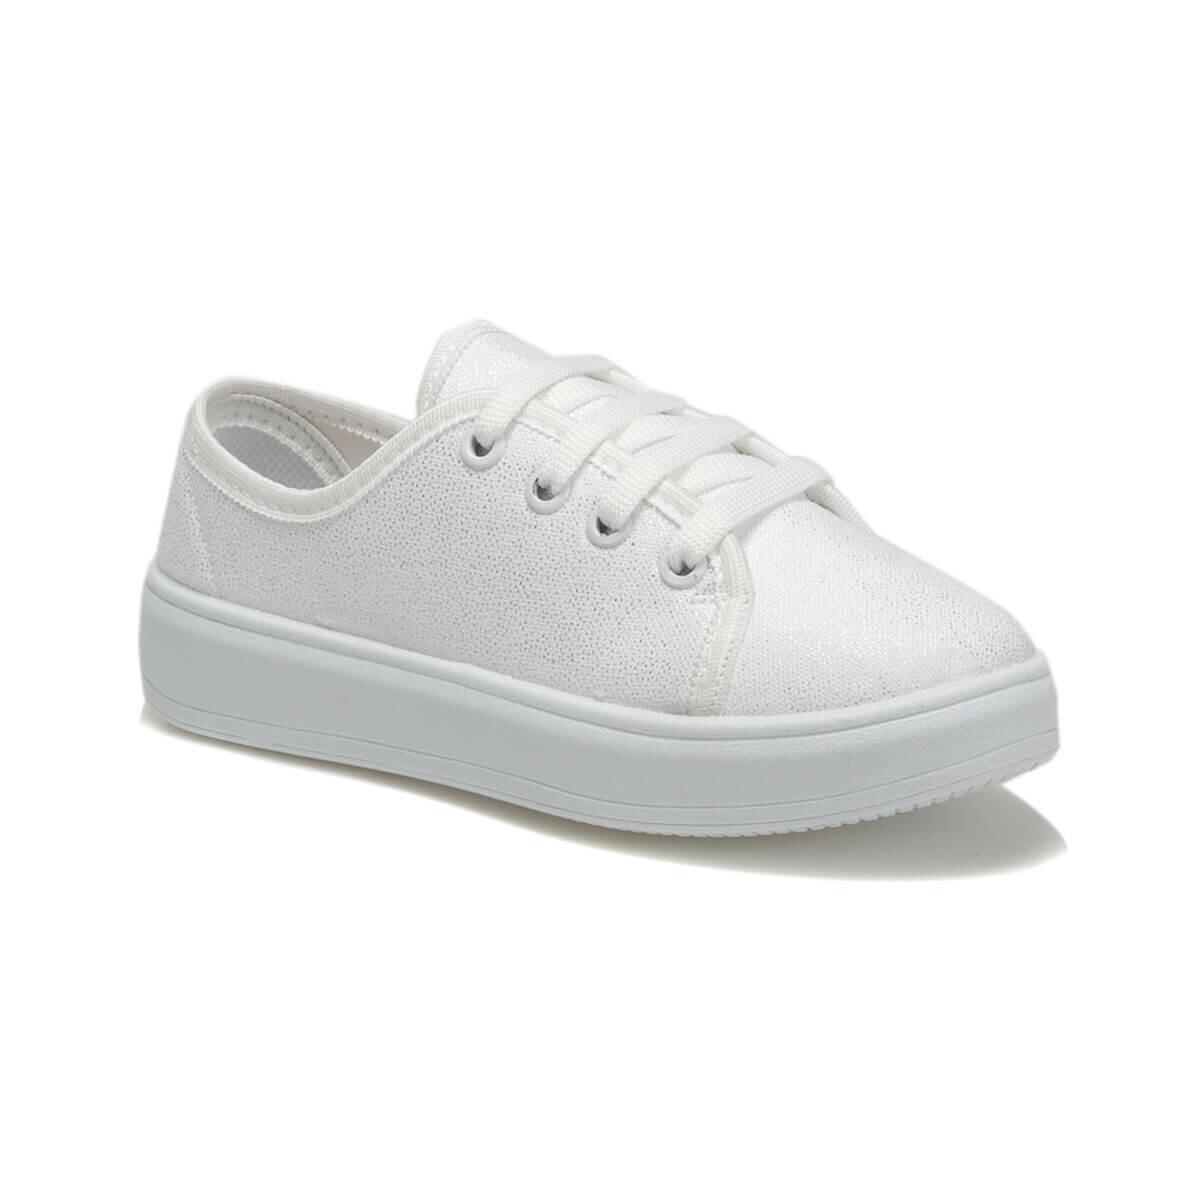 FLO 91. 510205.F White Female Child Shoes Polaris